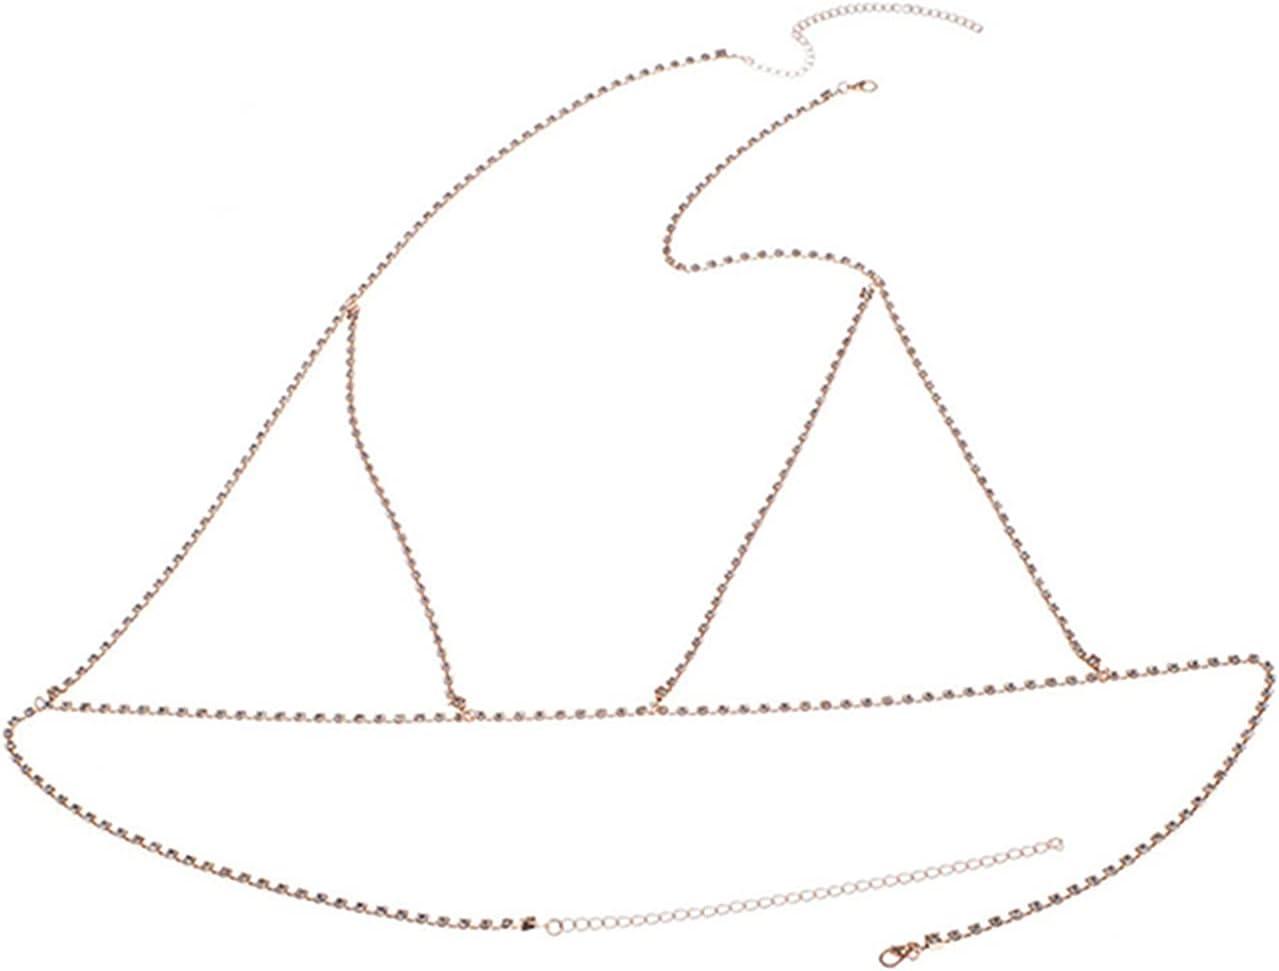 Sevenfly Beach Body Accessories Bohemian Chain Bra Sexy Shiny Luxury Rhinestone Bra Body Chains Body Jewelry Cross for Women,Golden